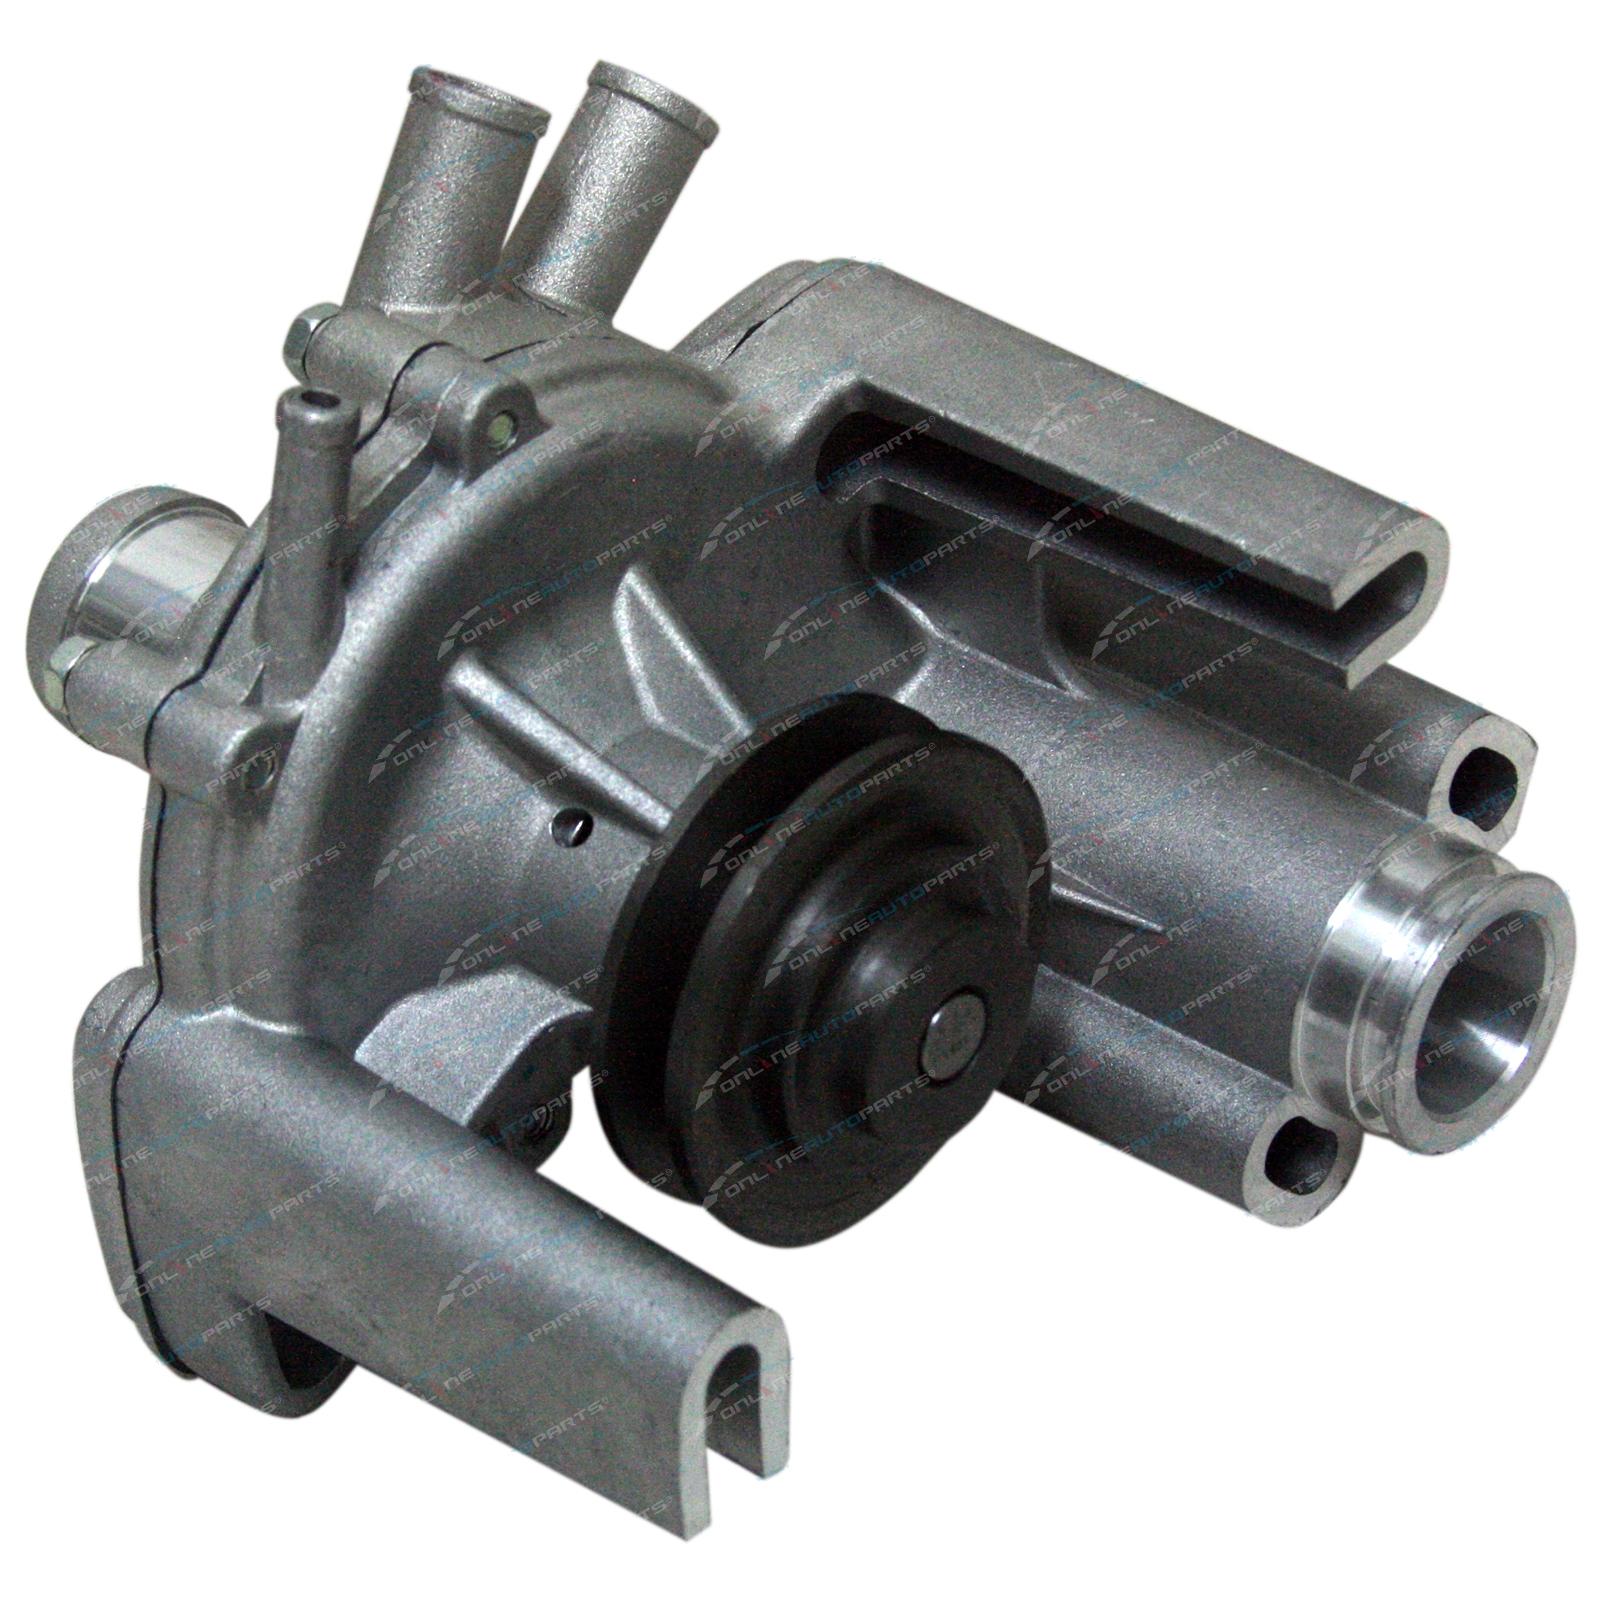 Water Pump Mitsubishi Magna TM TN TP TR TS 4G54 2 6L 4cyl Engine